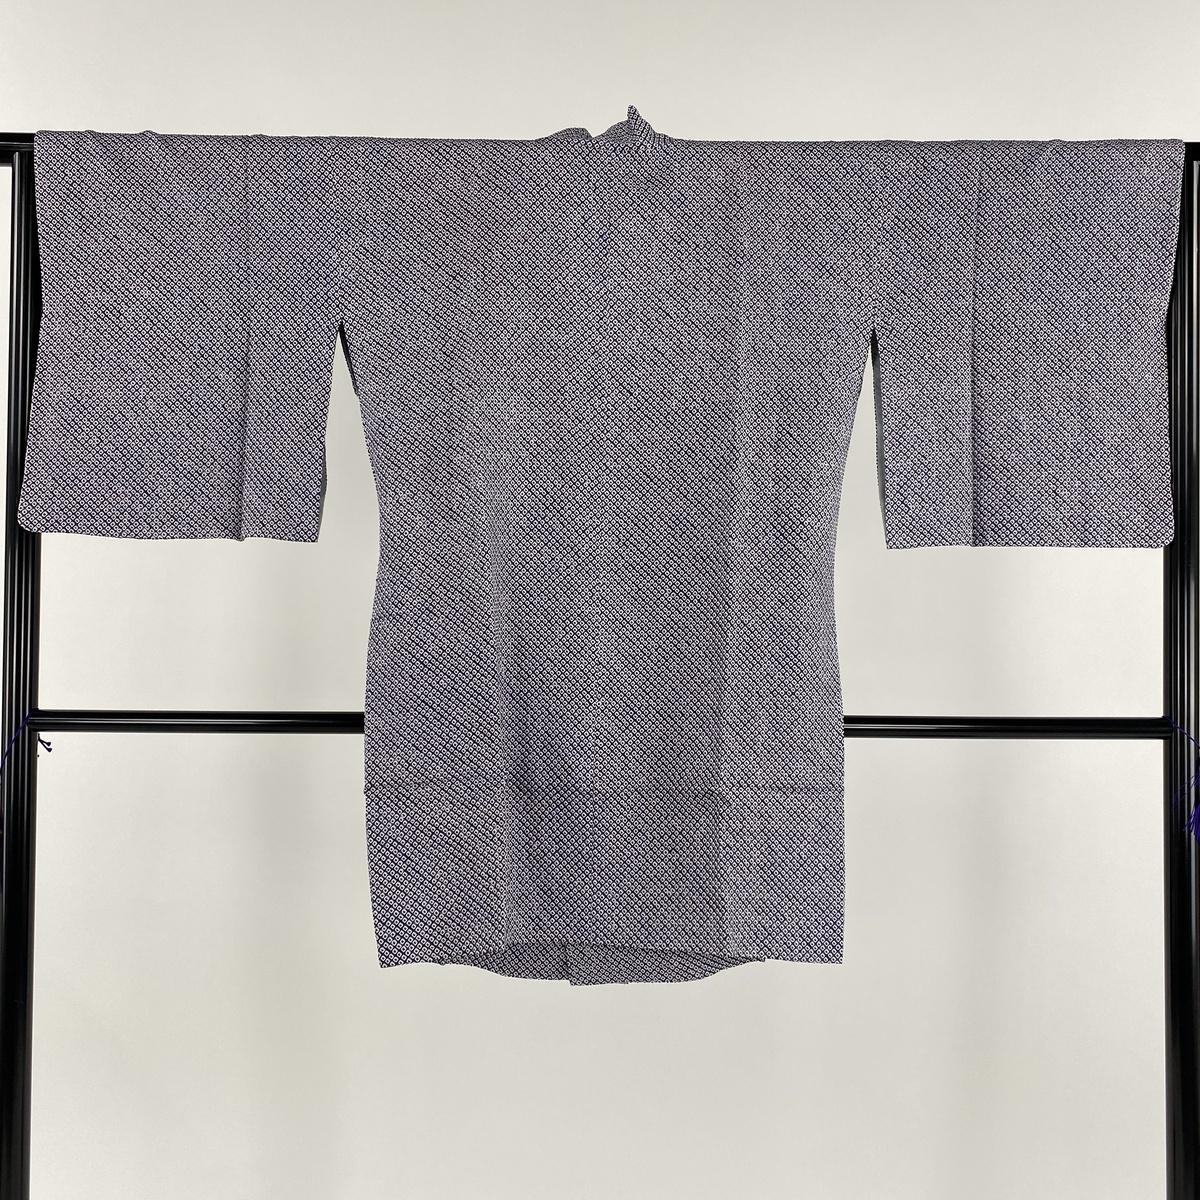 道行 美品 名品 和装コート 着物衿 鹿の子絞り 総絞り 紫 身丈92.5cm 裄丈65.5cm M 正絹 【中古】